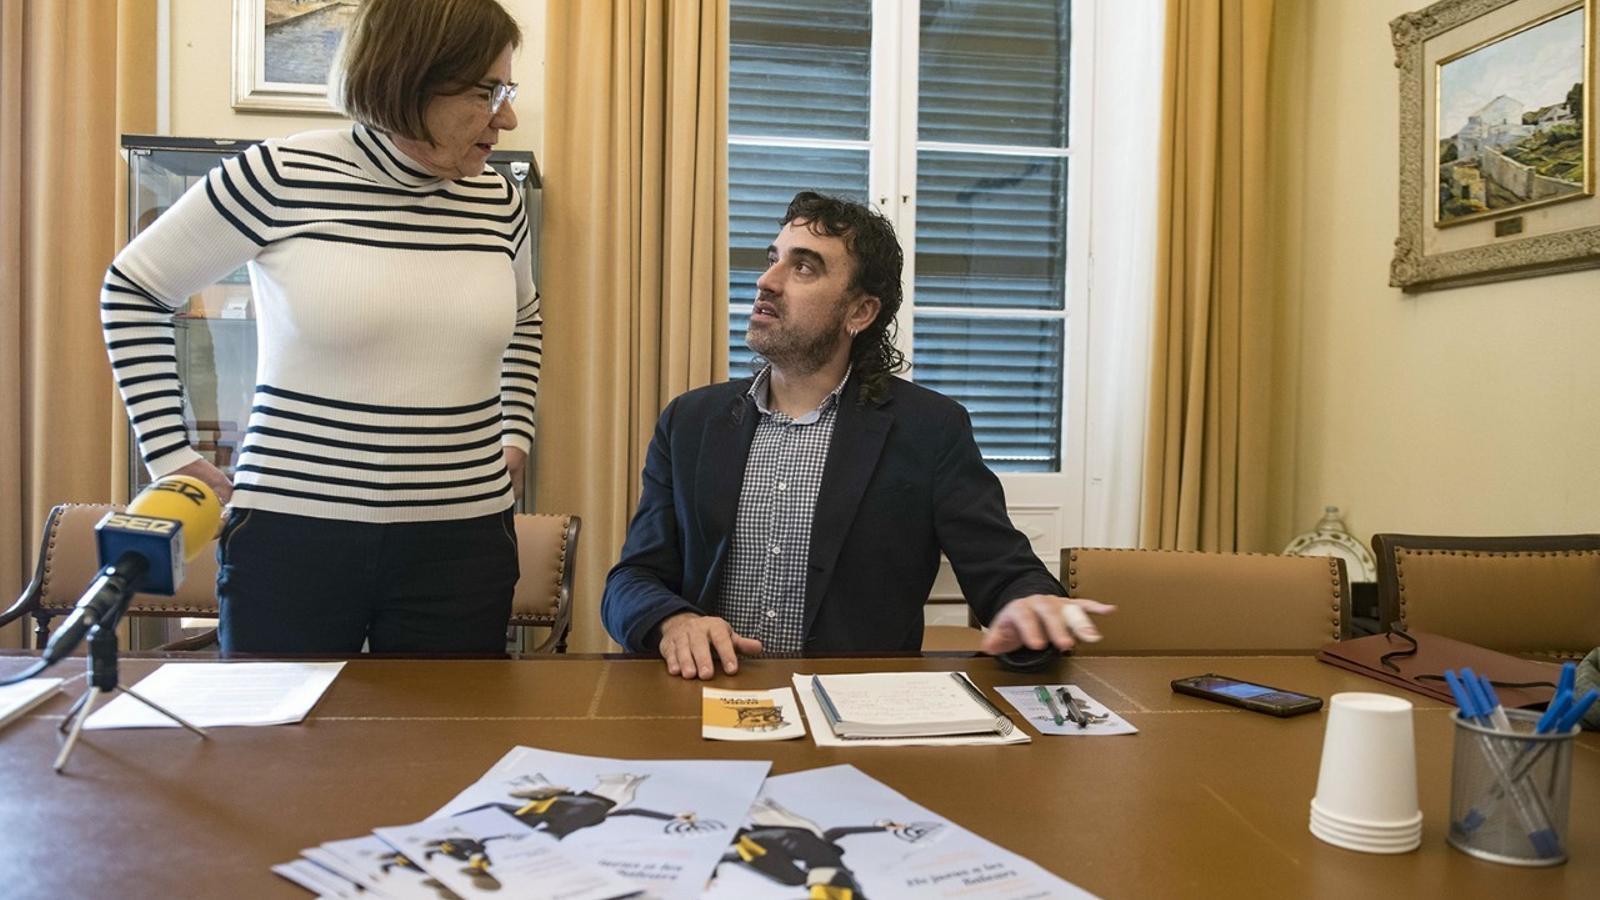 La coordinadora científica de l'IME, Fina Salord conversa amb el coordinador de les Jornades, Jordi Maíz.